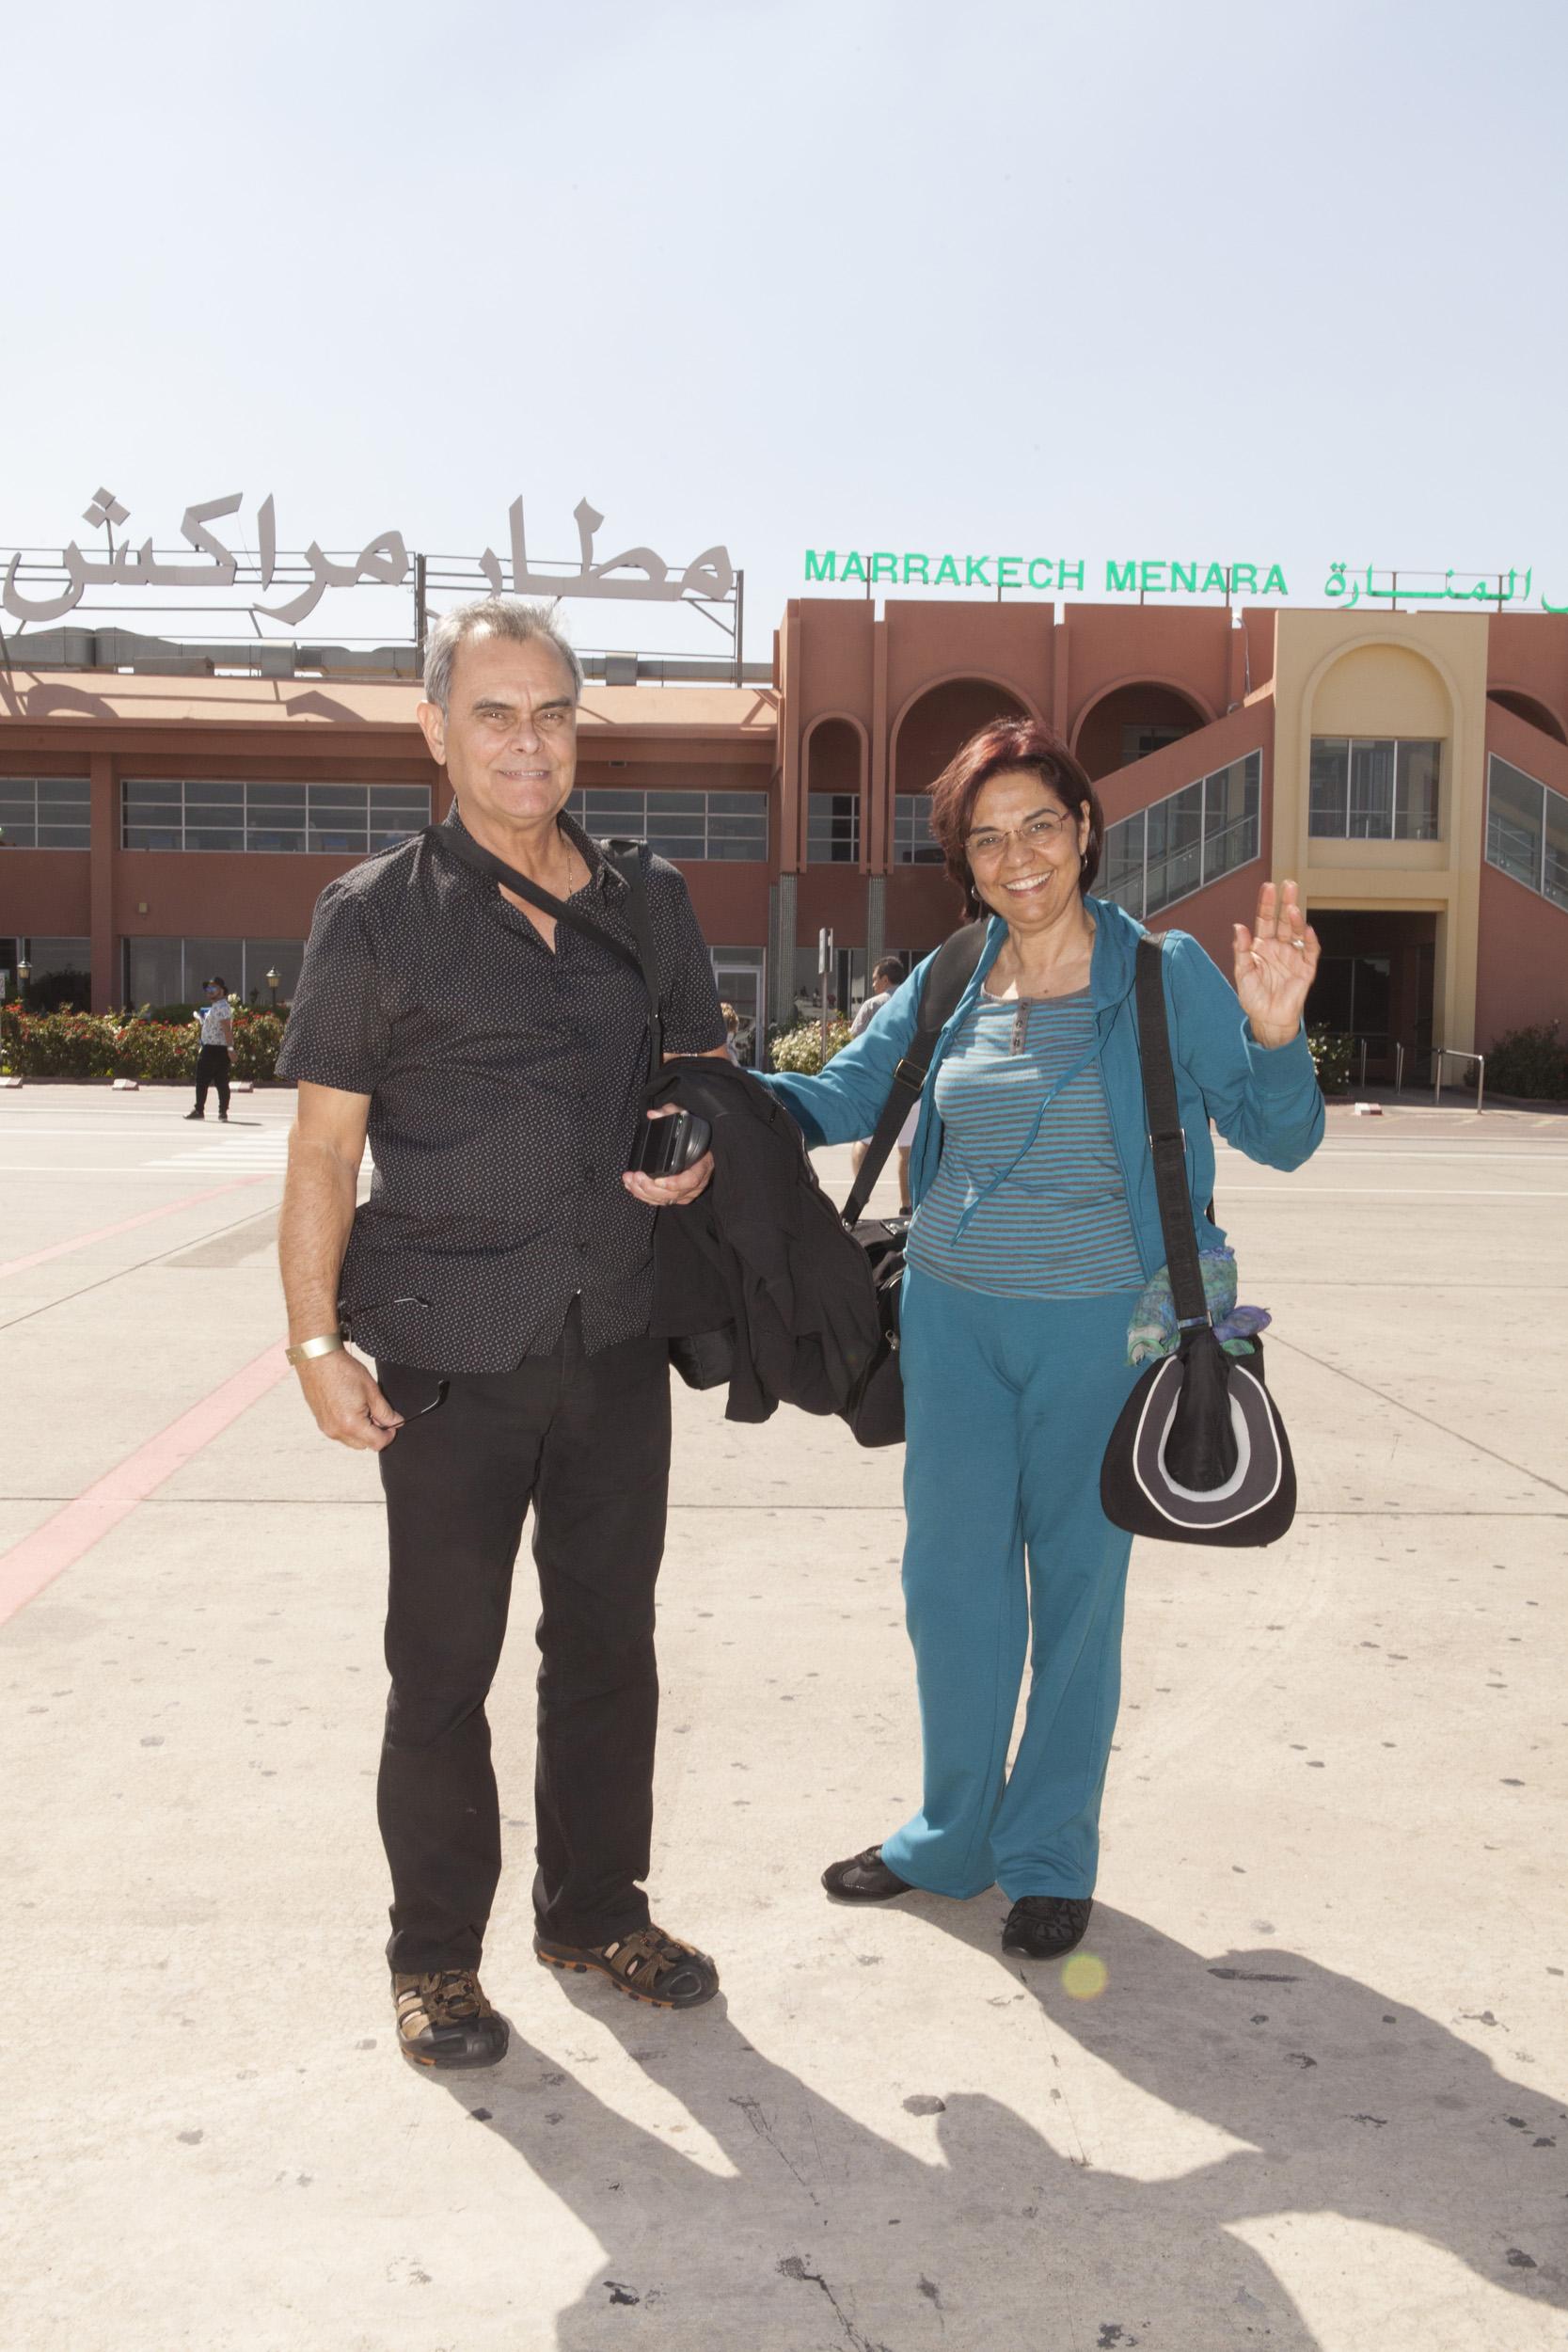 llegada_marrakech_convencion_anual_salerm_cosmetics_proline_19